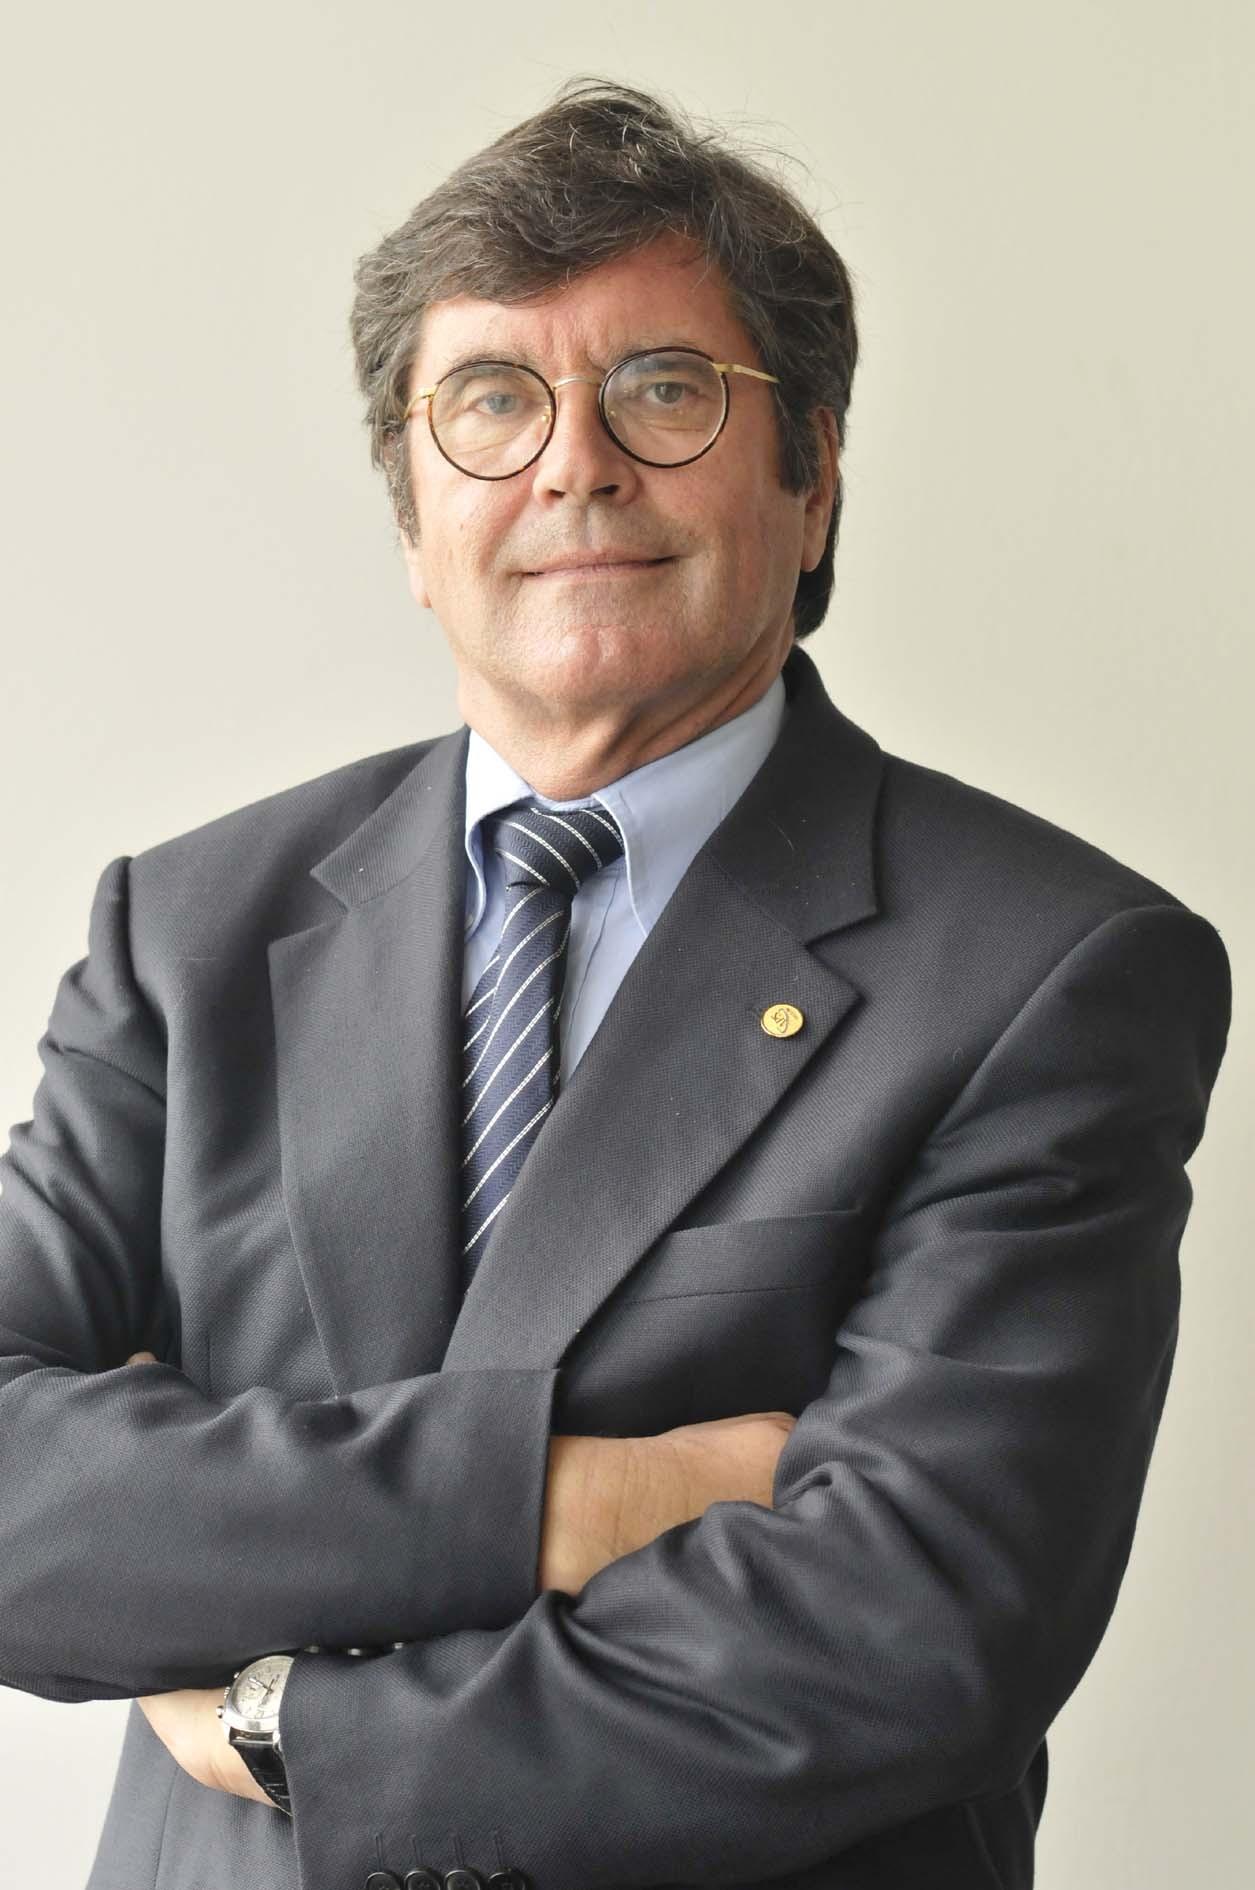 Prof. Dieter Bimberg